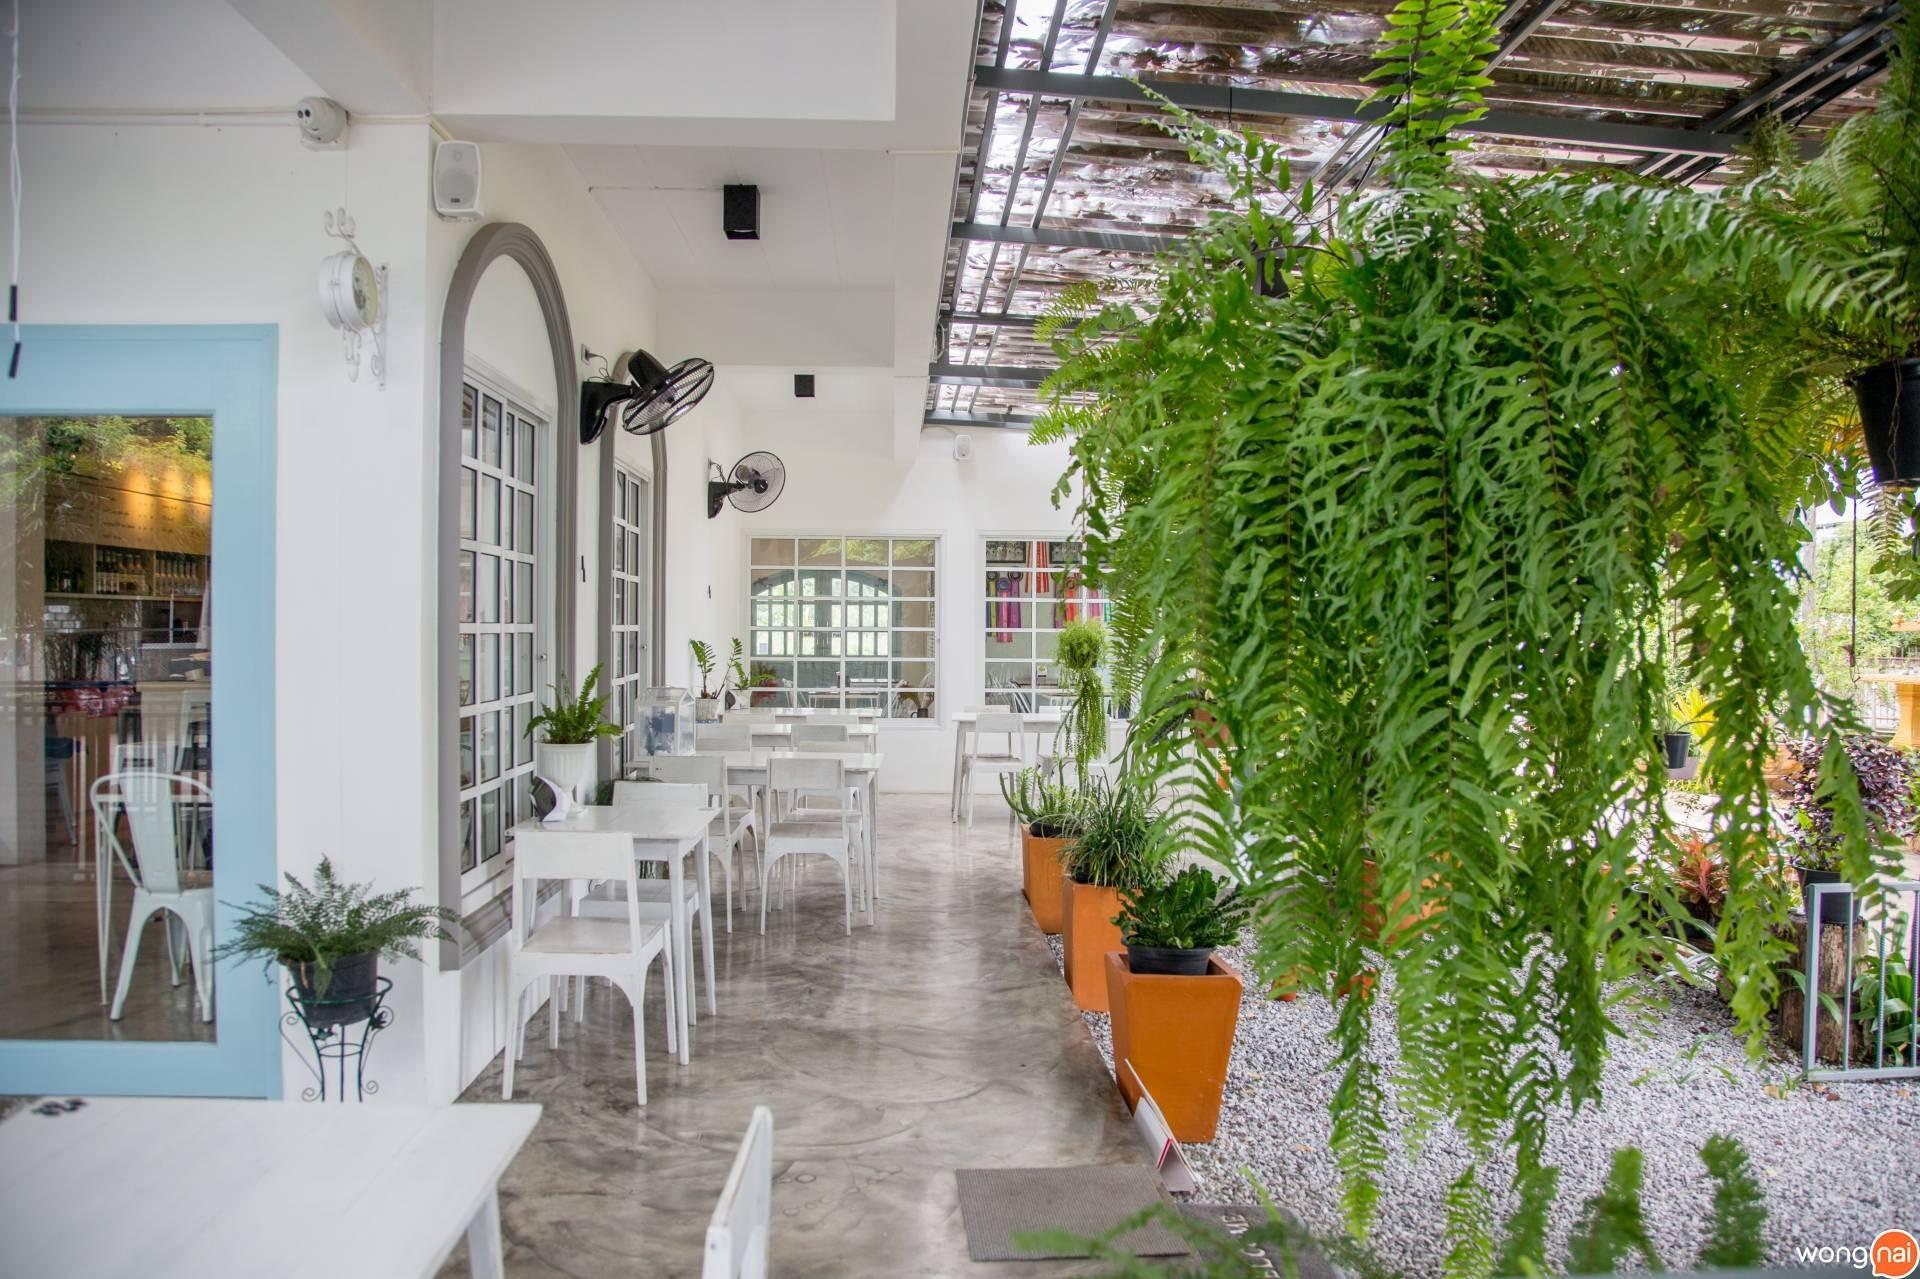 Sonata's siberian Cafe